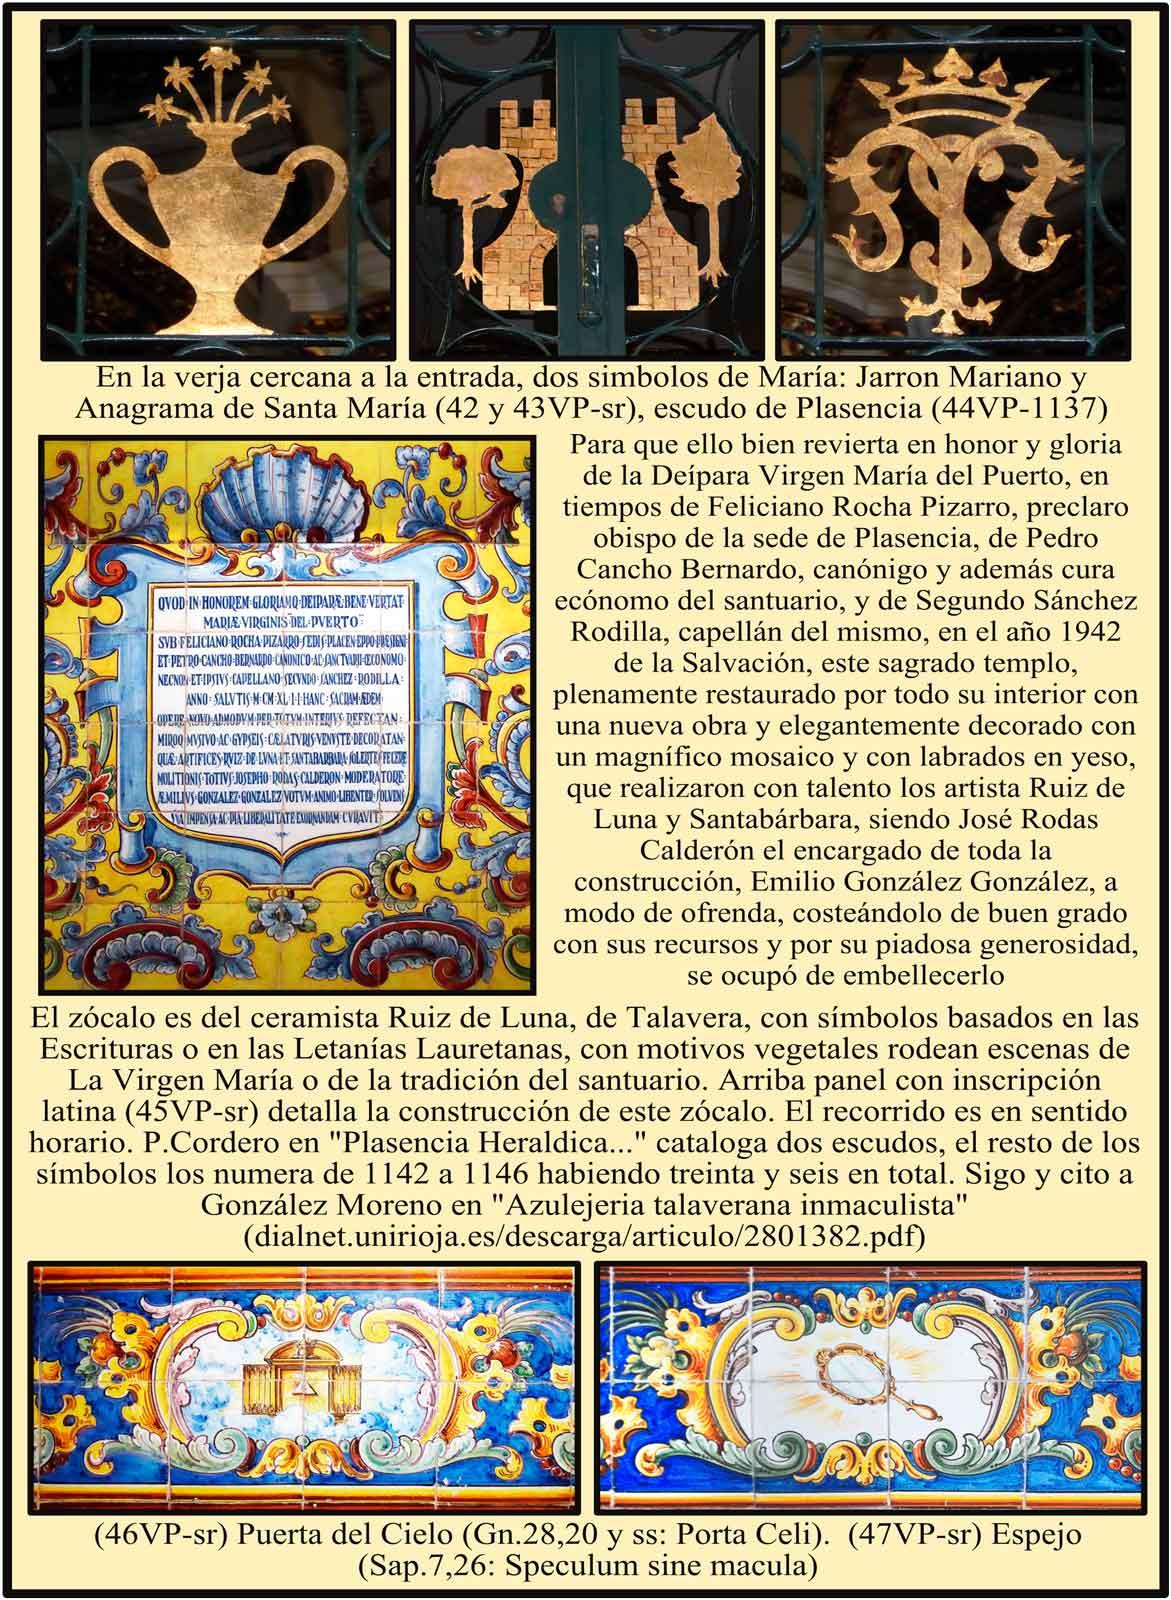 Escudos y simbolos en la reja. Inscripcion en azulejos sobre donación y montaje del zocalo